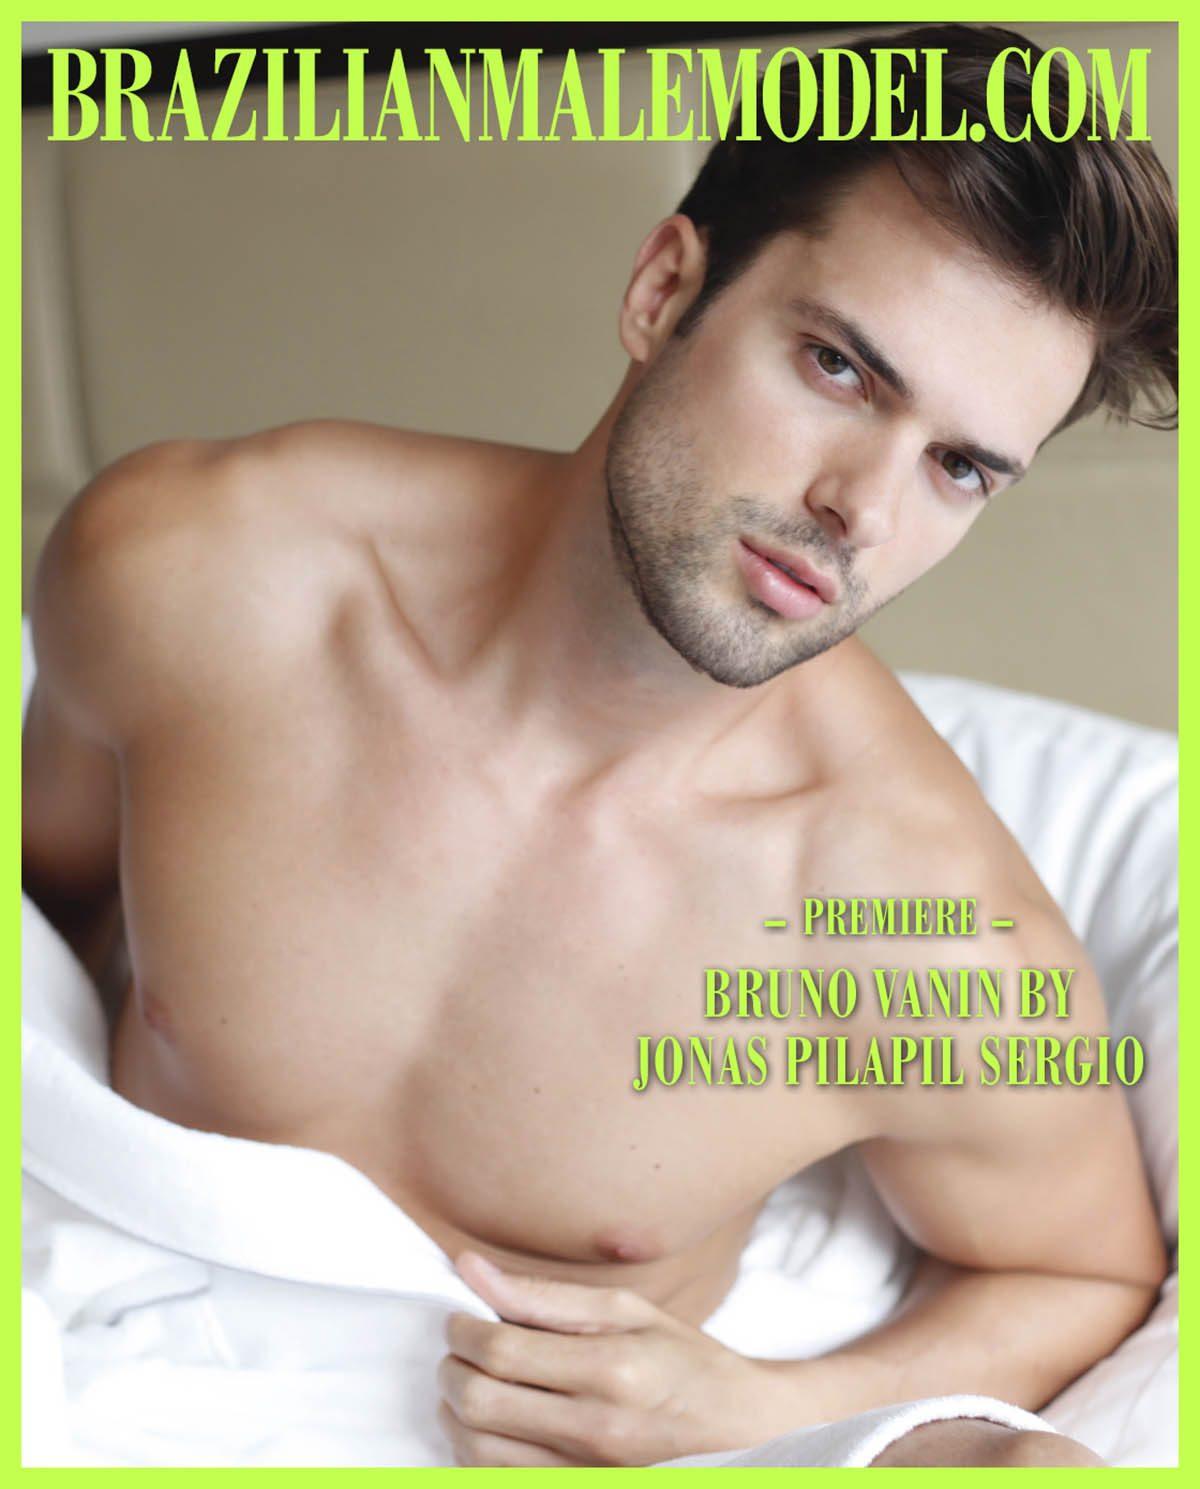 Bruno Vanin by Jonas Pilapil Sergio